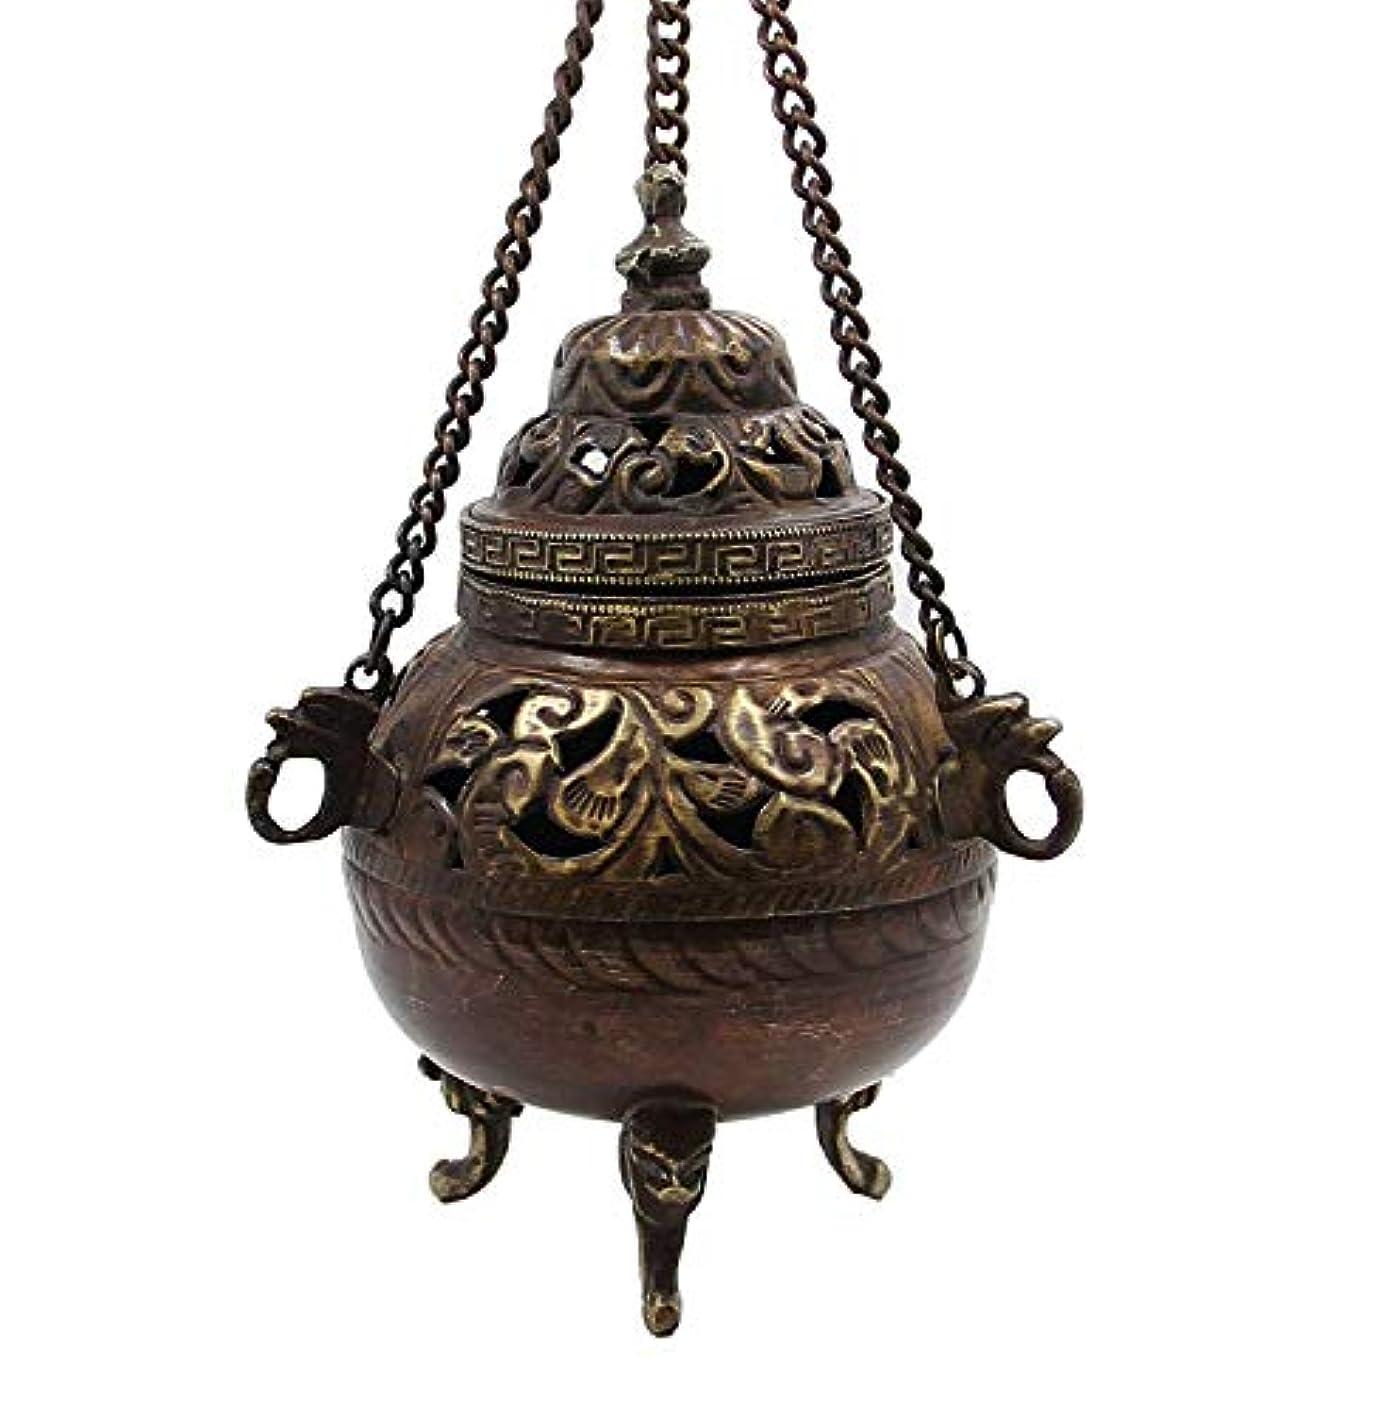 熱シャークカーテンチベット従来DharmaObjects Hanging香炉銅5 cm高